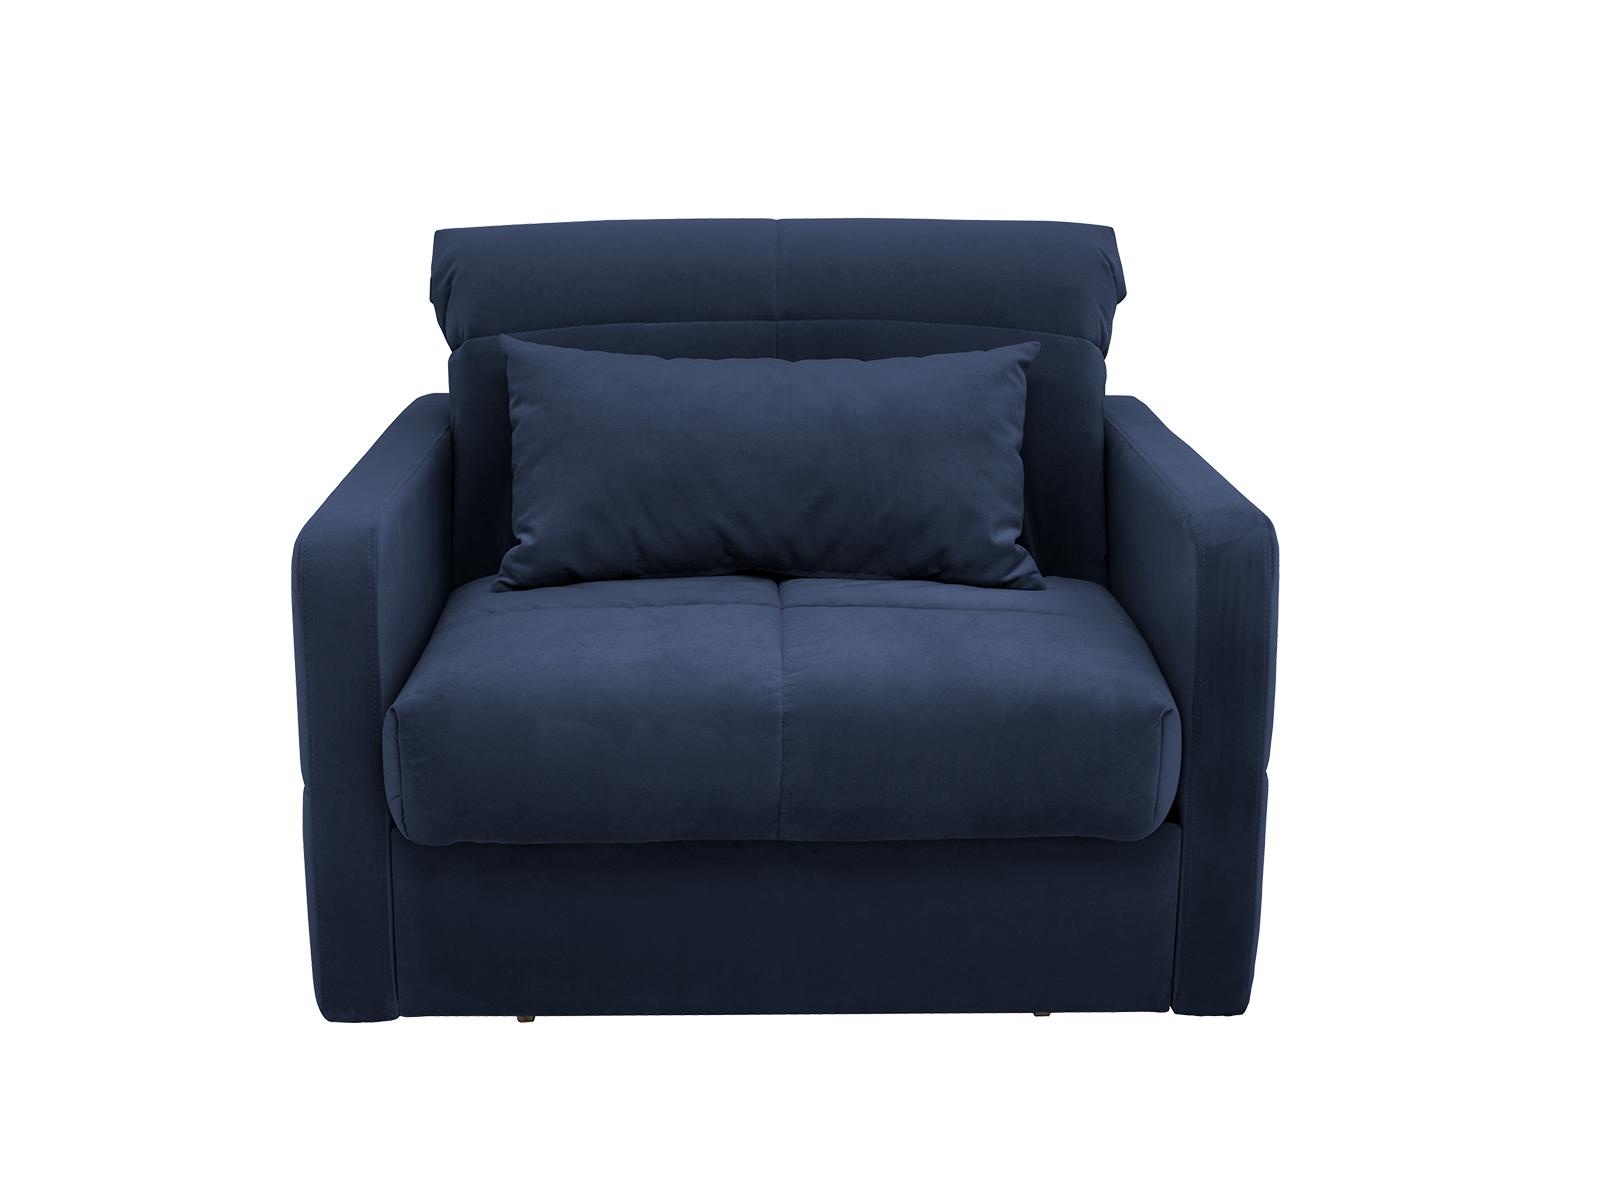 Кресло ColorКресла-кровати<br>Кресло-кровать. Чехол сиденья/спинки - съемный, лицевые чехлы подлокотников - несъемные.<br><br>Материалы:<br><br>Каркас: деревянный брус, фанера, ПСП (МДФ), металл<br>Мягкие элементы подлокотников: пенополиуретан, синтепон<br>Матрас: пенополиуретан, синтепон (толщина матраса 100мм)<br>Мягкие элементы чехла: холлофайбер, спанбонд<br>Обивка: 100% полиэстер<br><br><br>Механизм трансформации: Аккордеон.<br><br><br>Ширина сиденья: 84 cм<br>Глубина сиденья: 47 cм<br>Высота сиденья: 44 cм<br><br>Размер спального места: 204 х 84 см.<br>